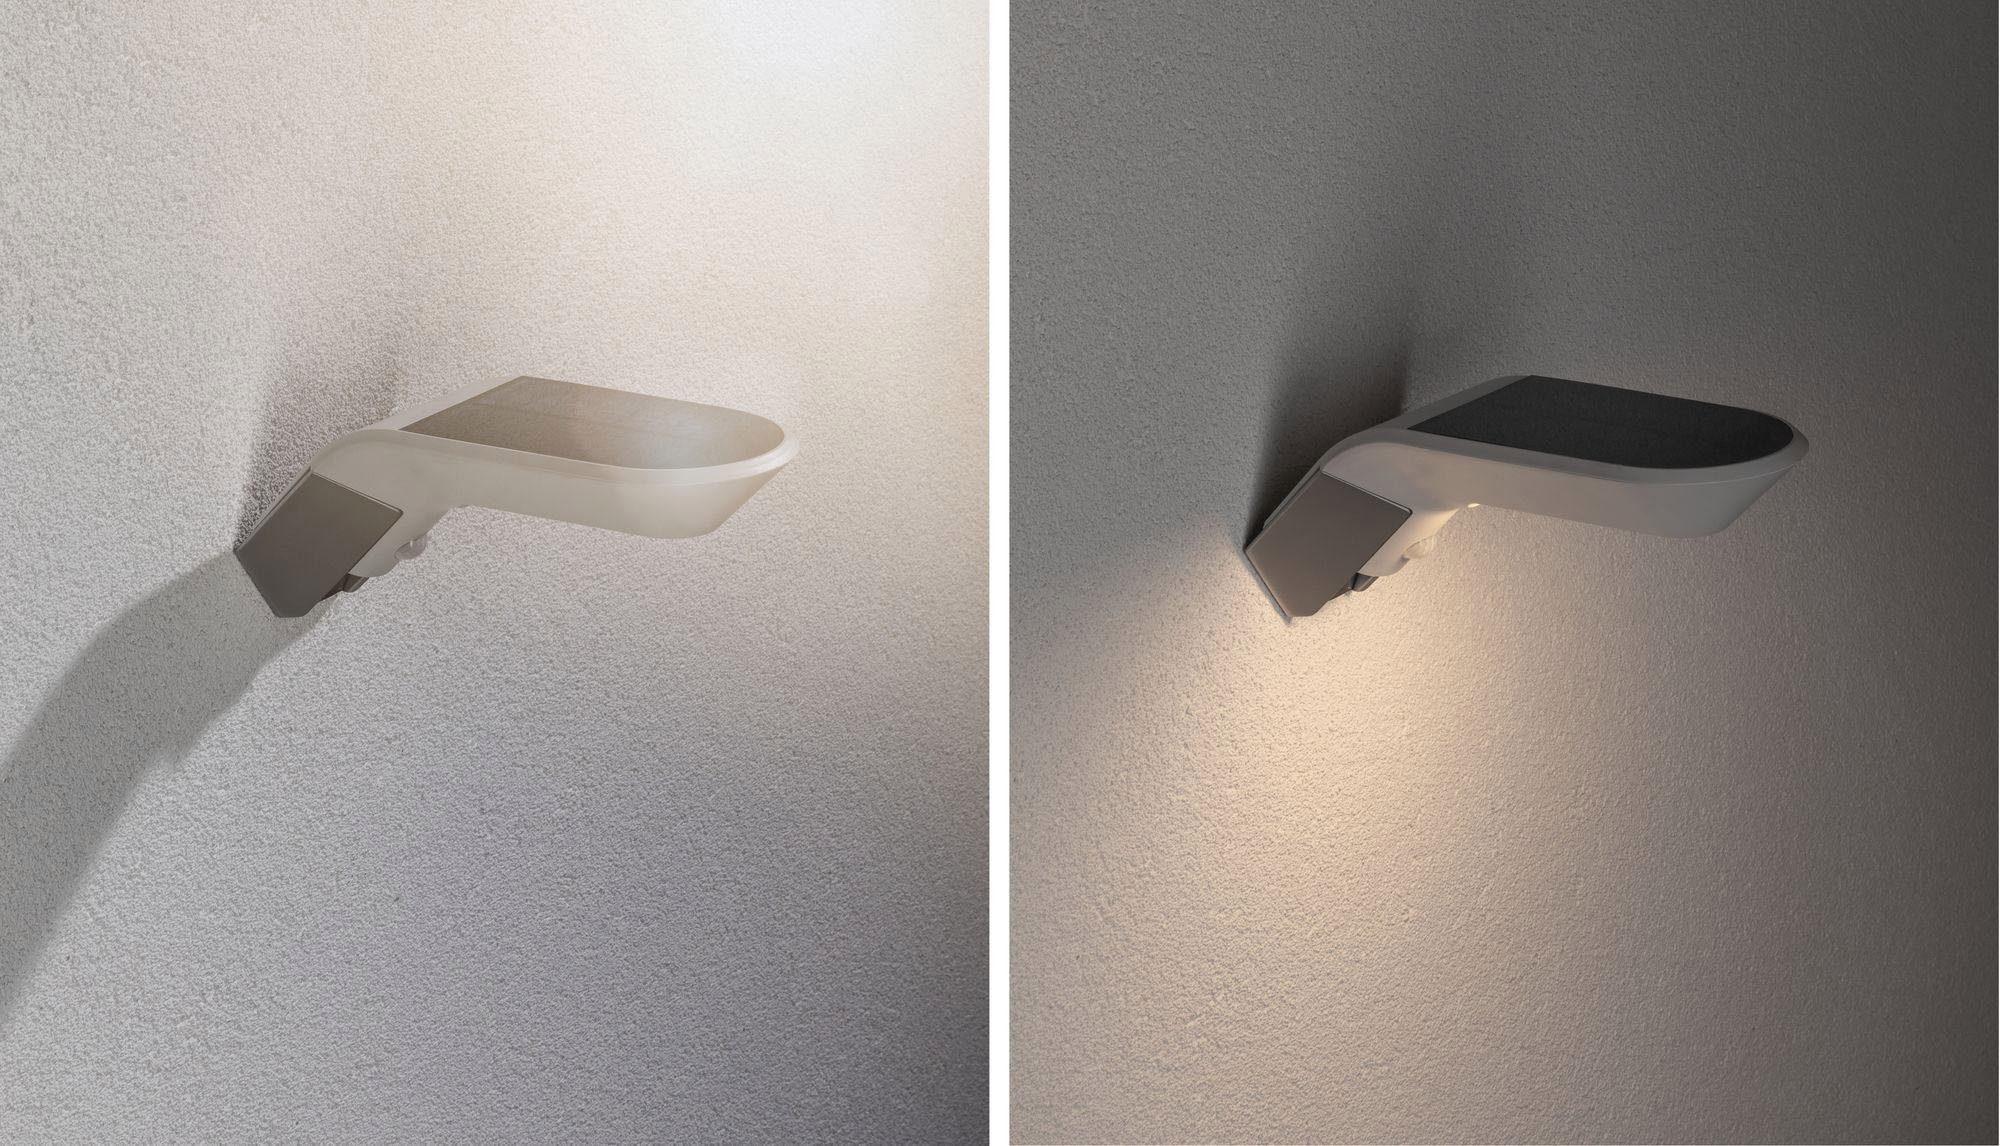 Paulmann LED Außen-Wandleuchte Outdoor Soley Solar 3000K Weiß, Warmweiß